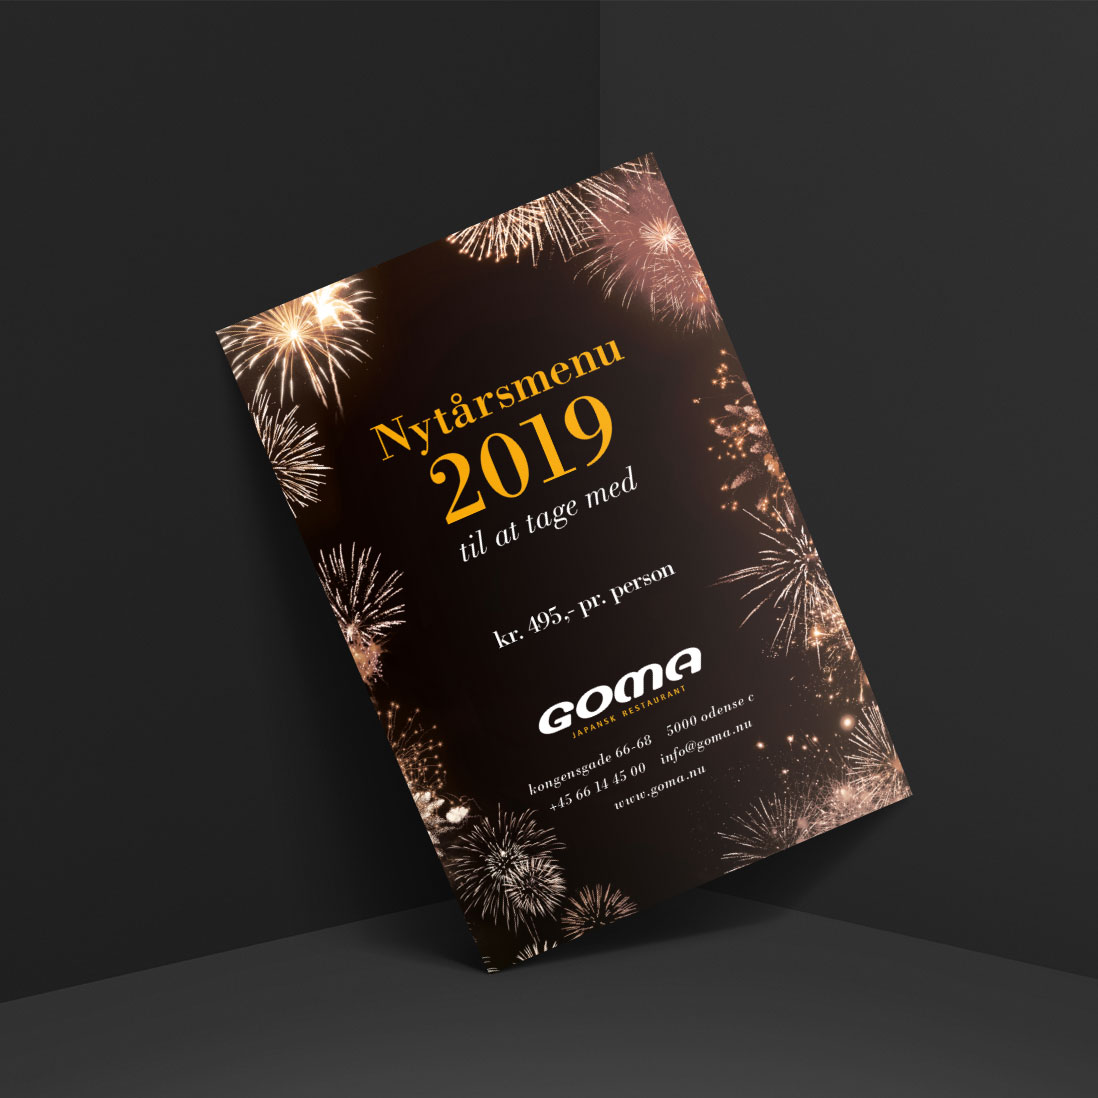 Goma nytårsmenu 2019